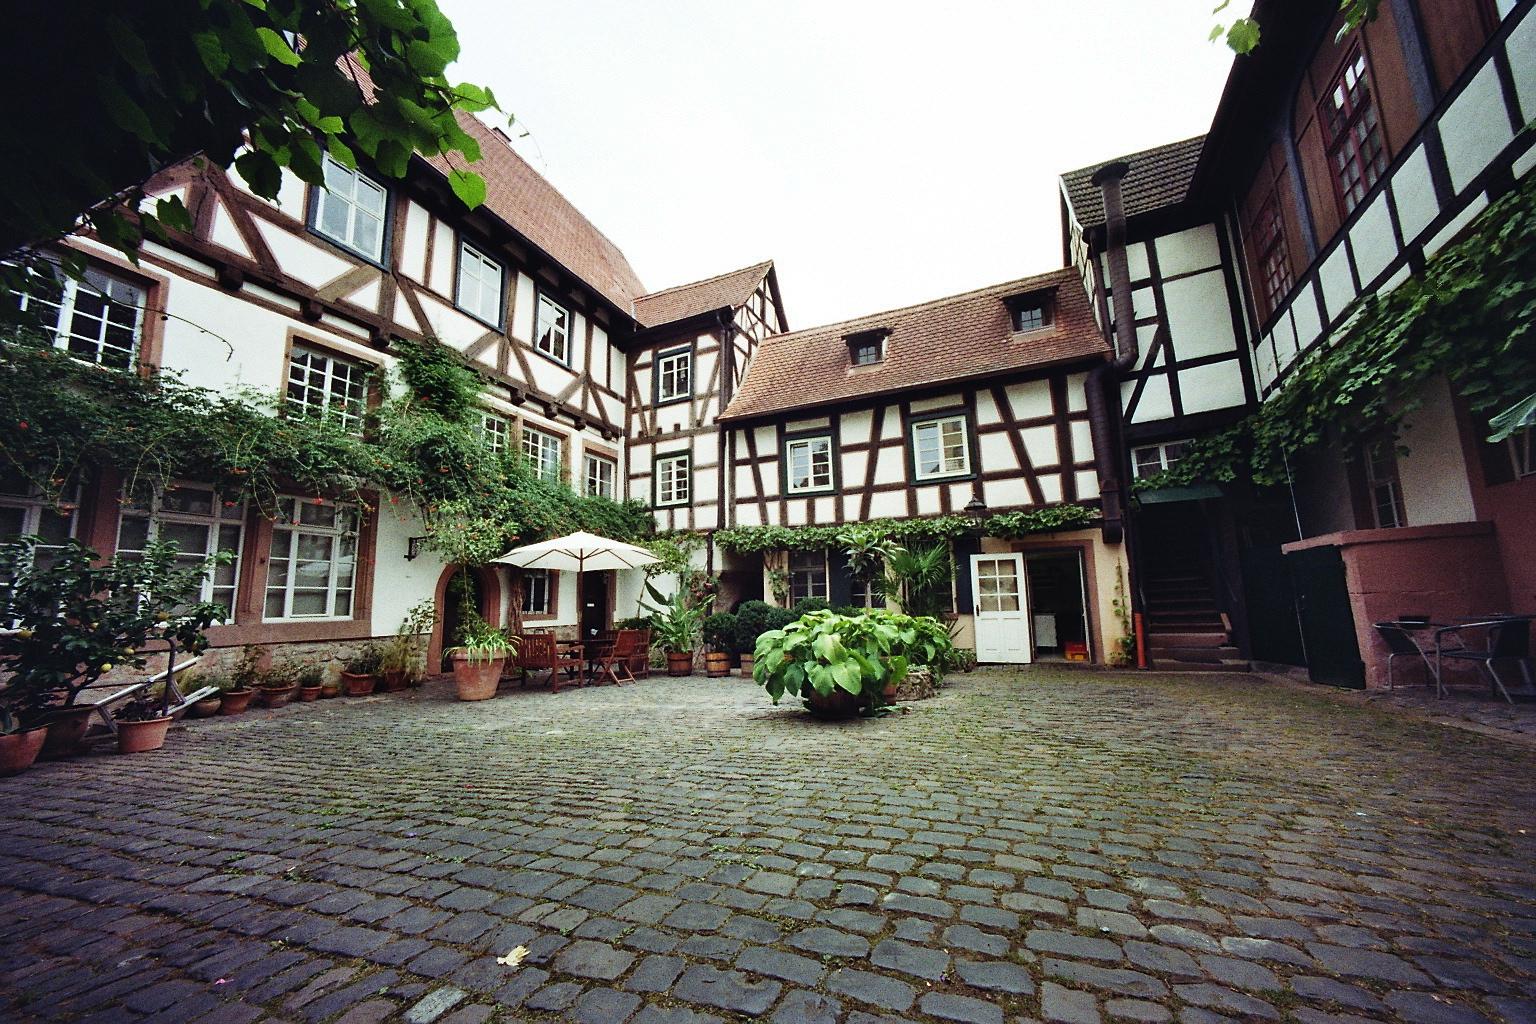 Galerie Innenhof